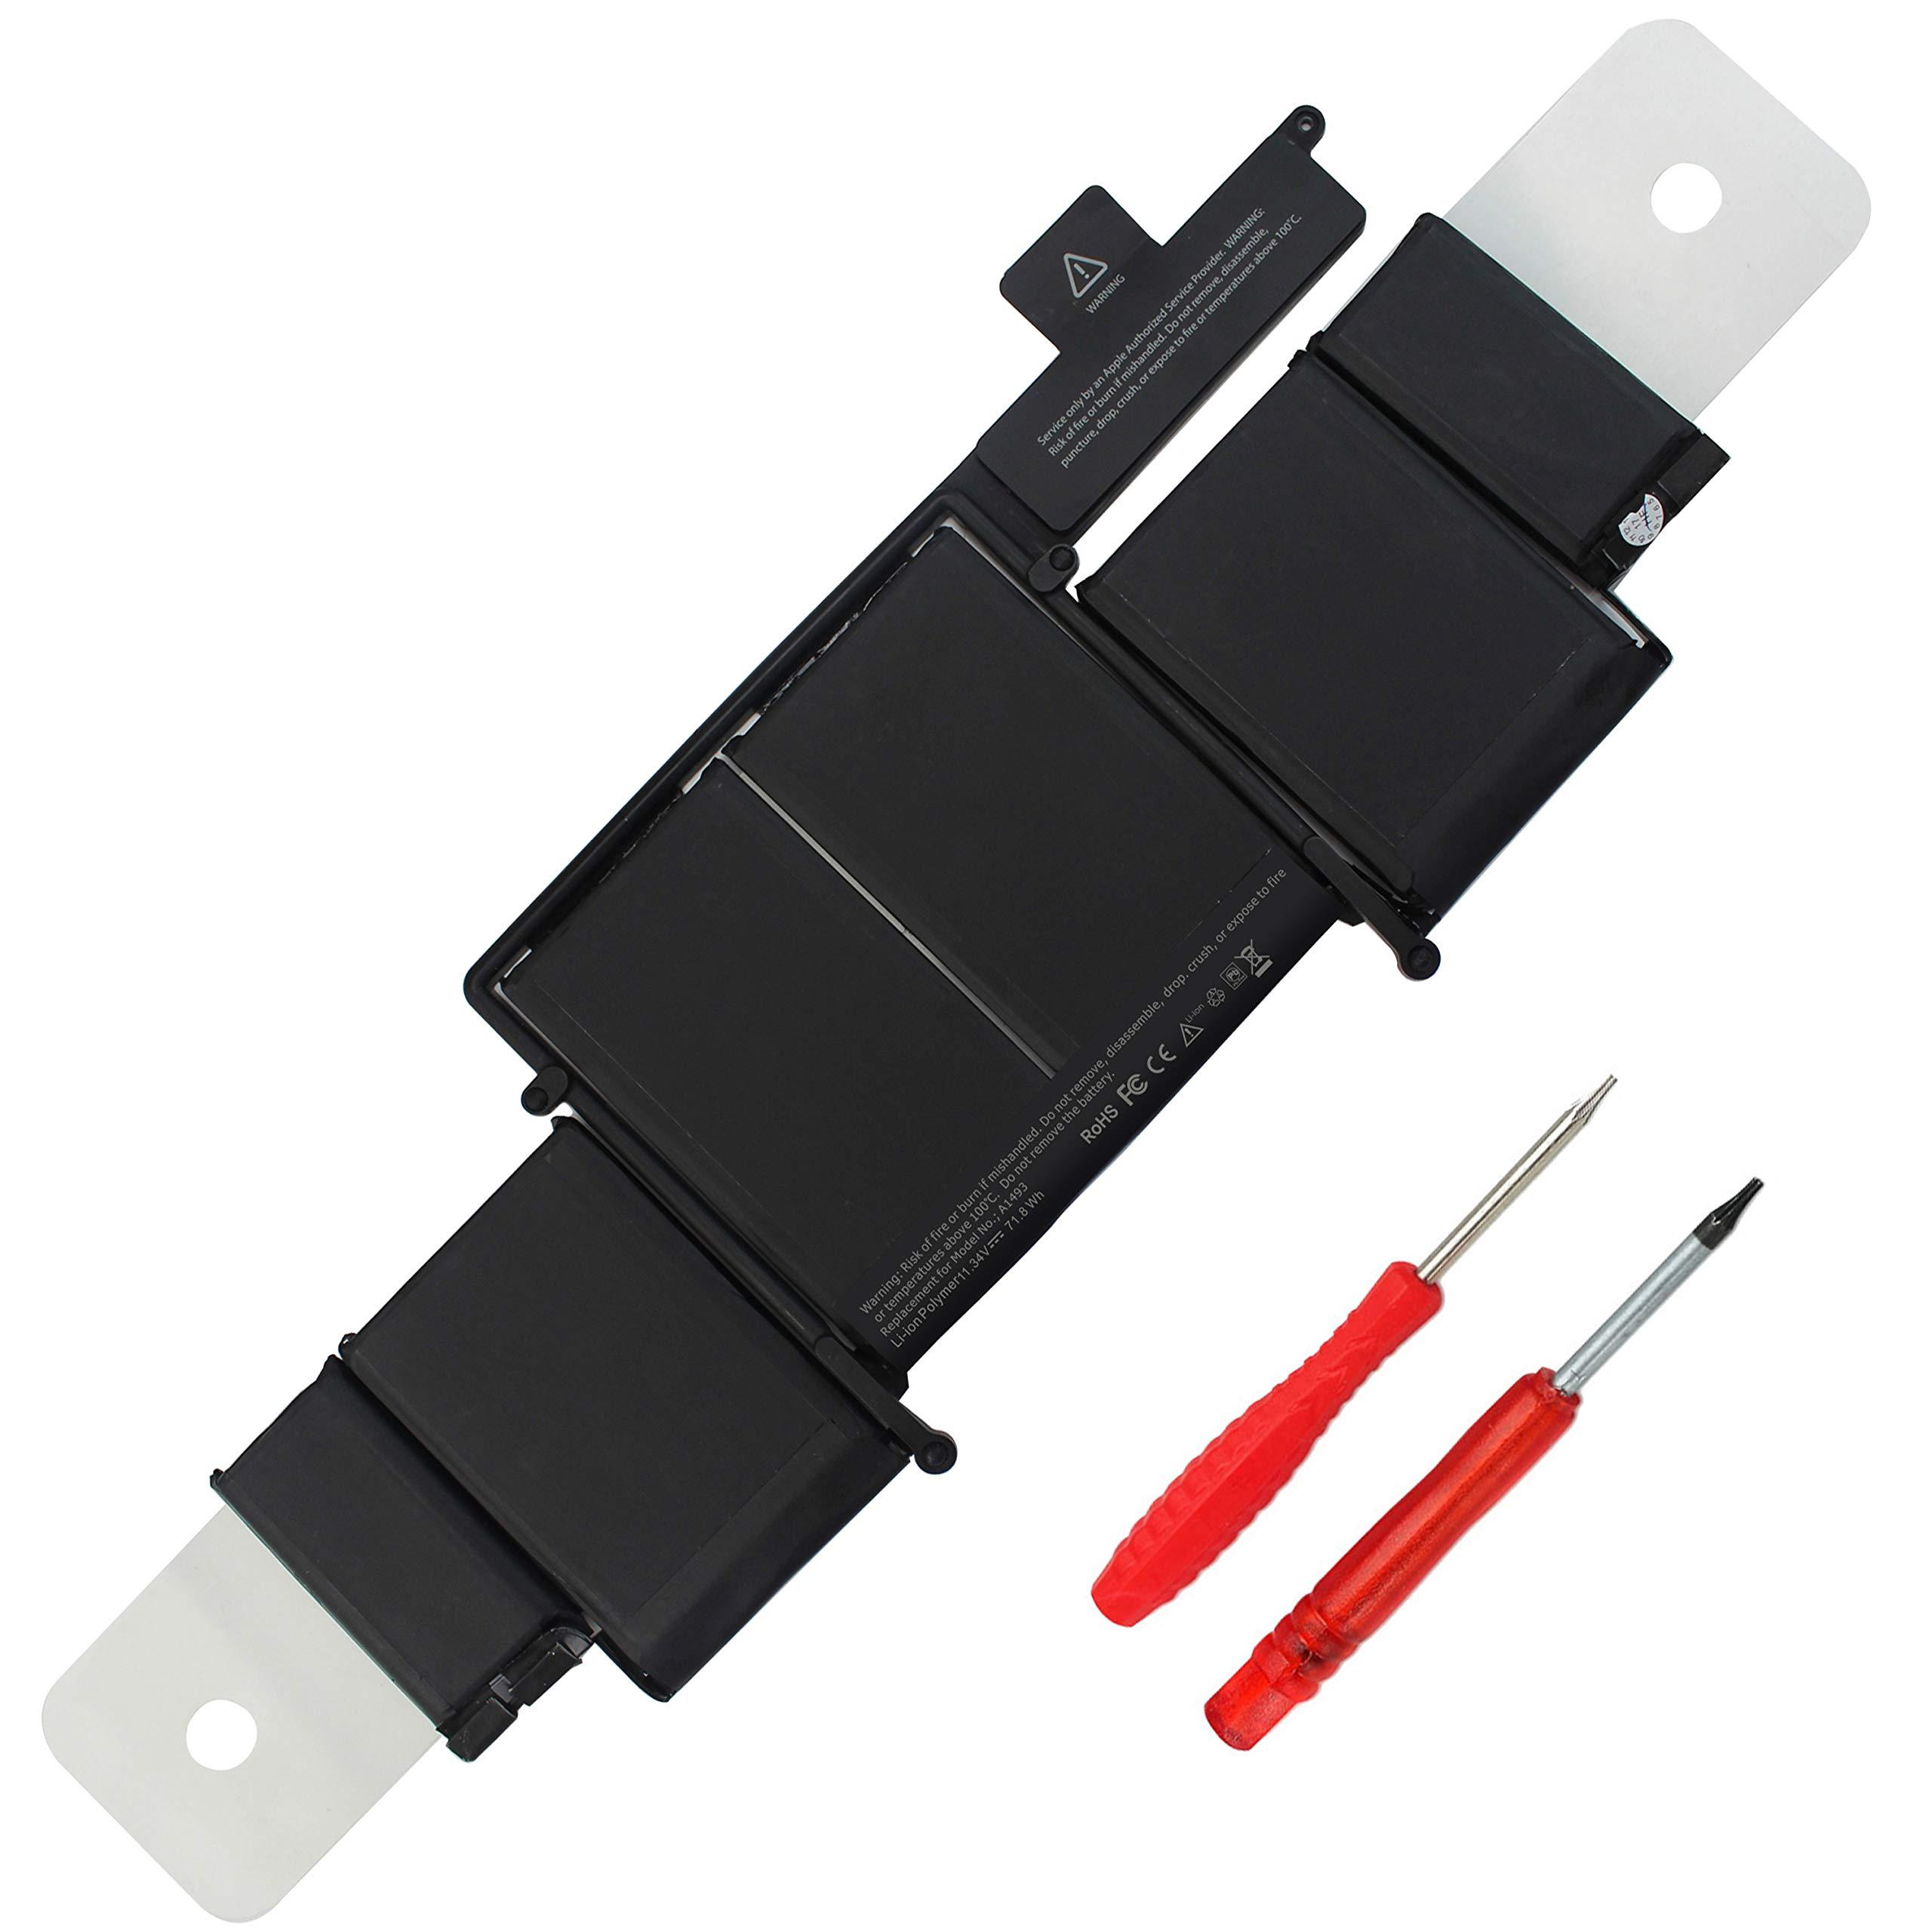 Bateria A1493 A1582 A1502 para MacBook Pro 13 Inch Retina Ea